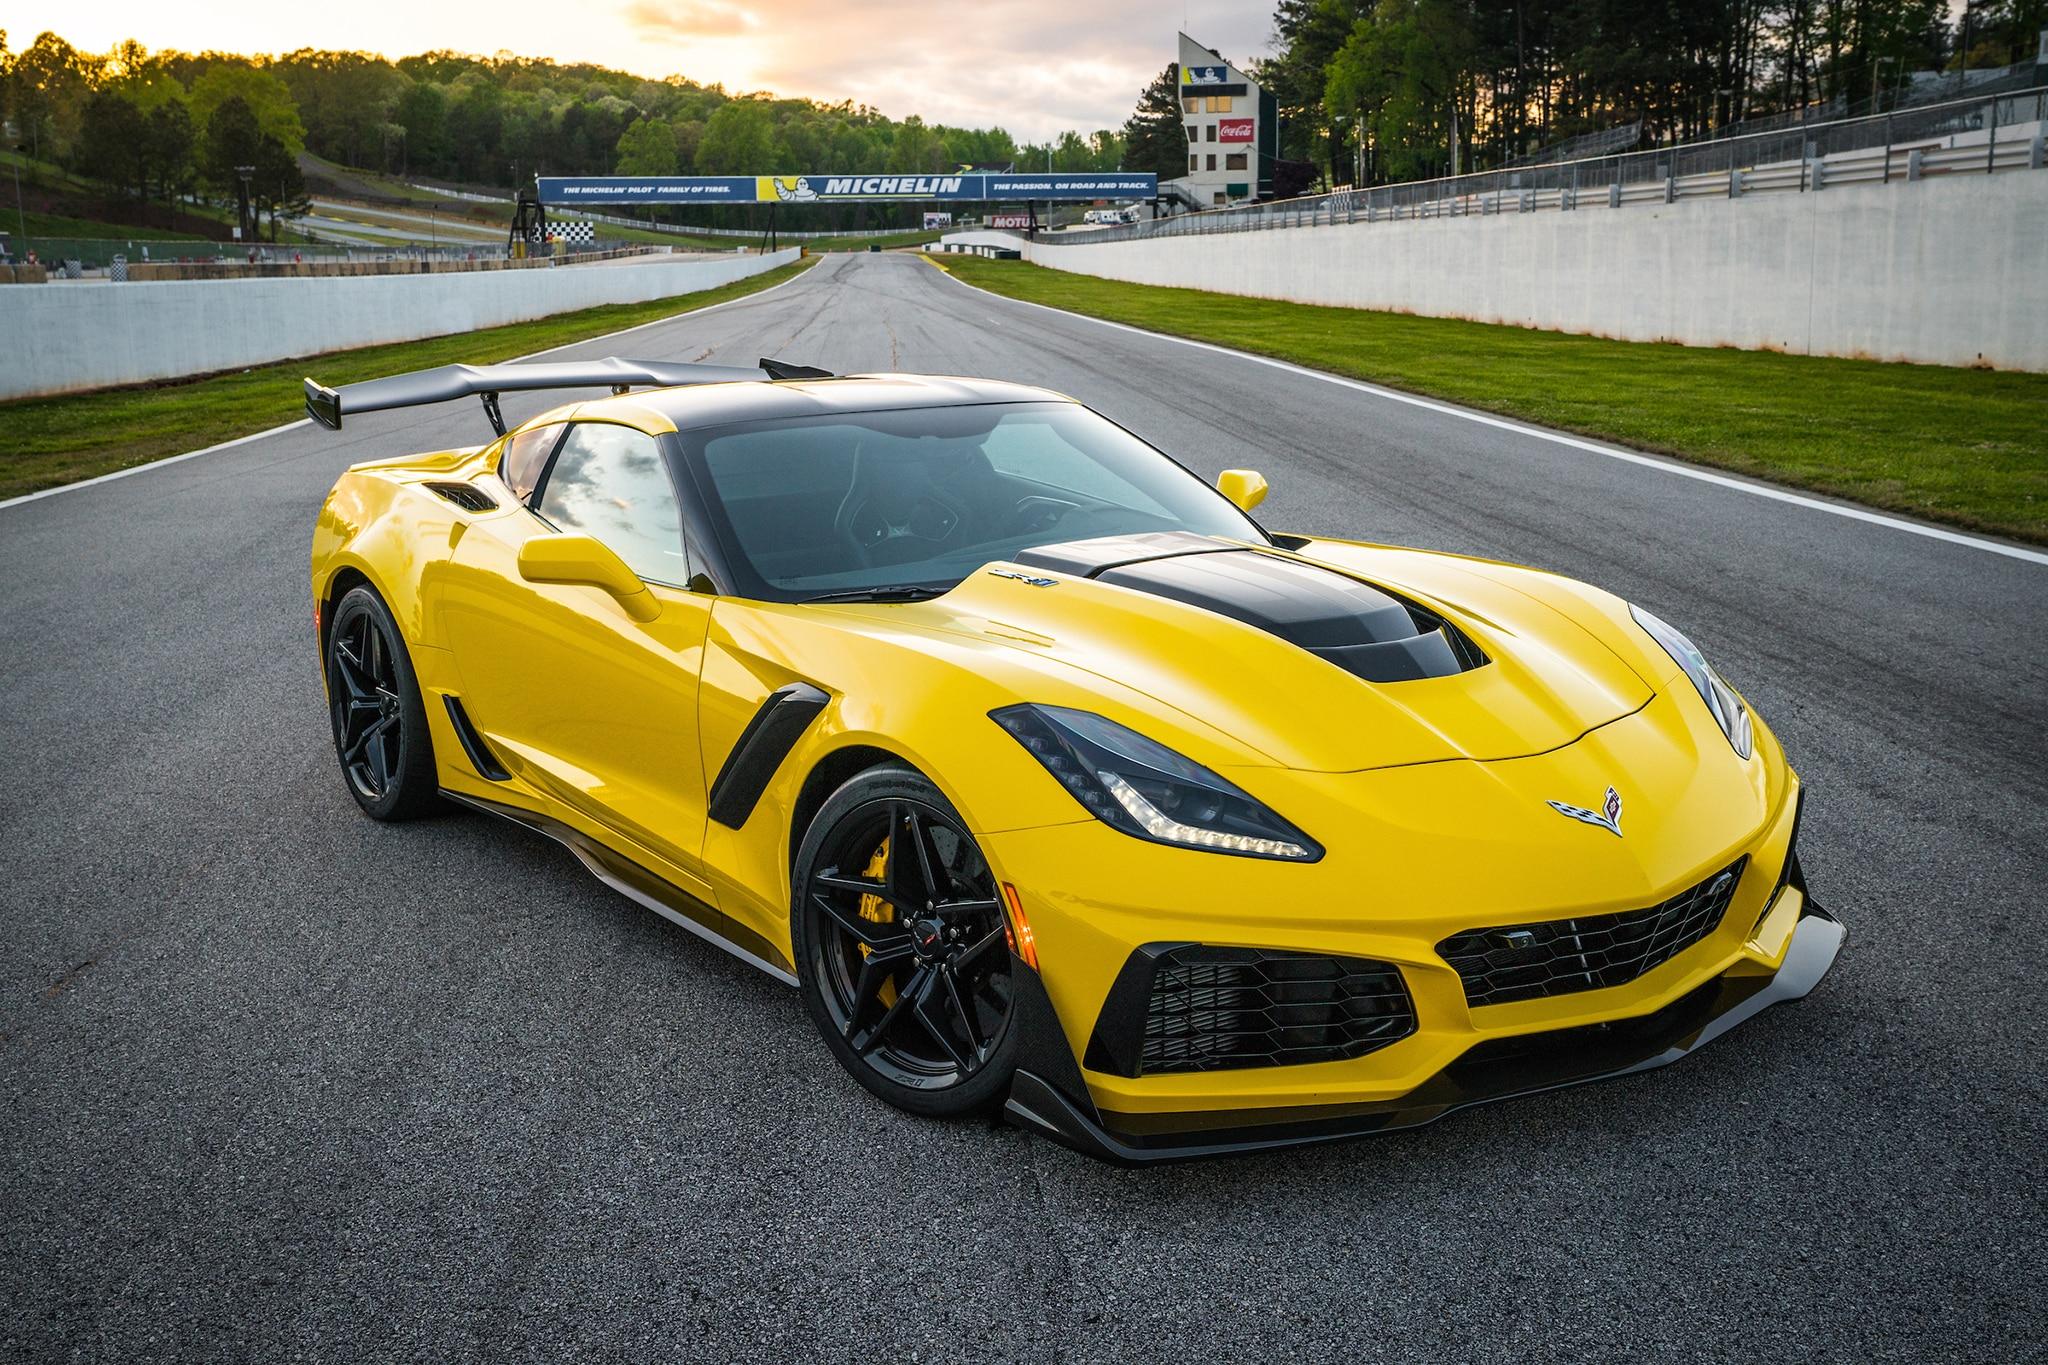 Corvette For Sale >> 2019 Chevrolet Corvette ZR1 First Drive   Automobile Magazine